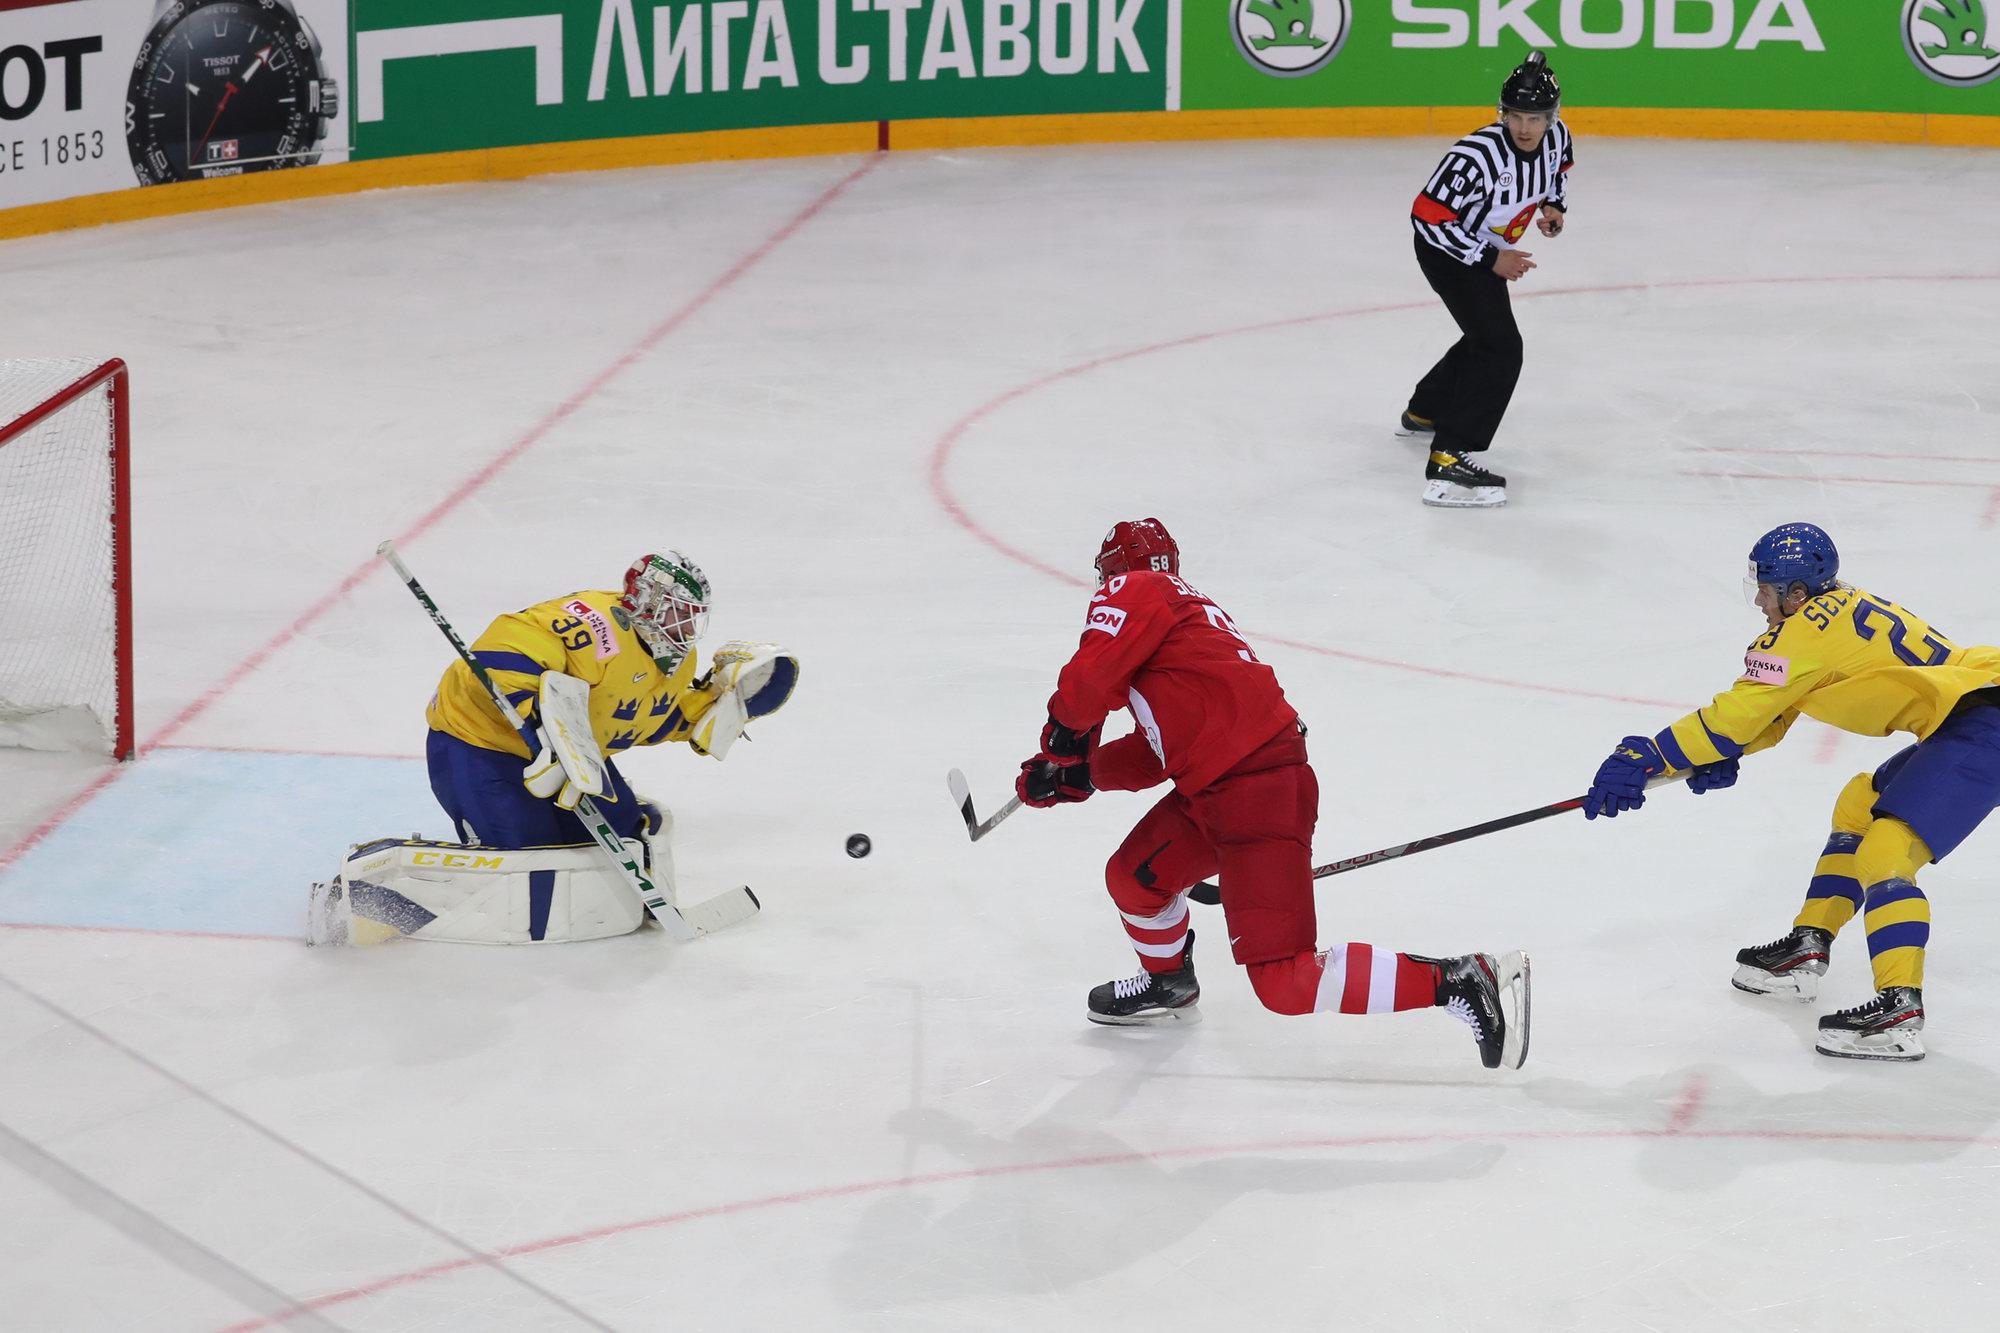 Сборная России: «Спасибо Швеции за хоккей, но в этом сезоне больше не увидимся»